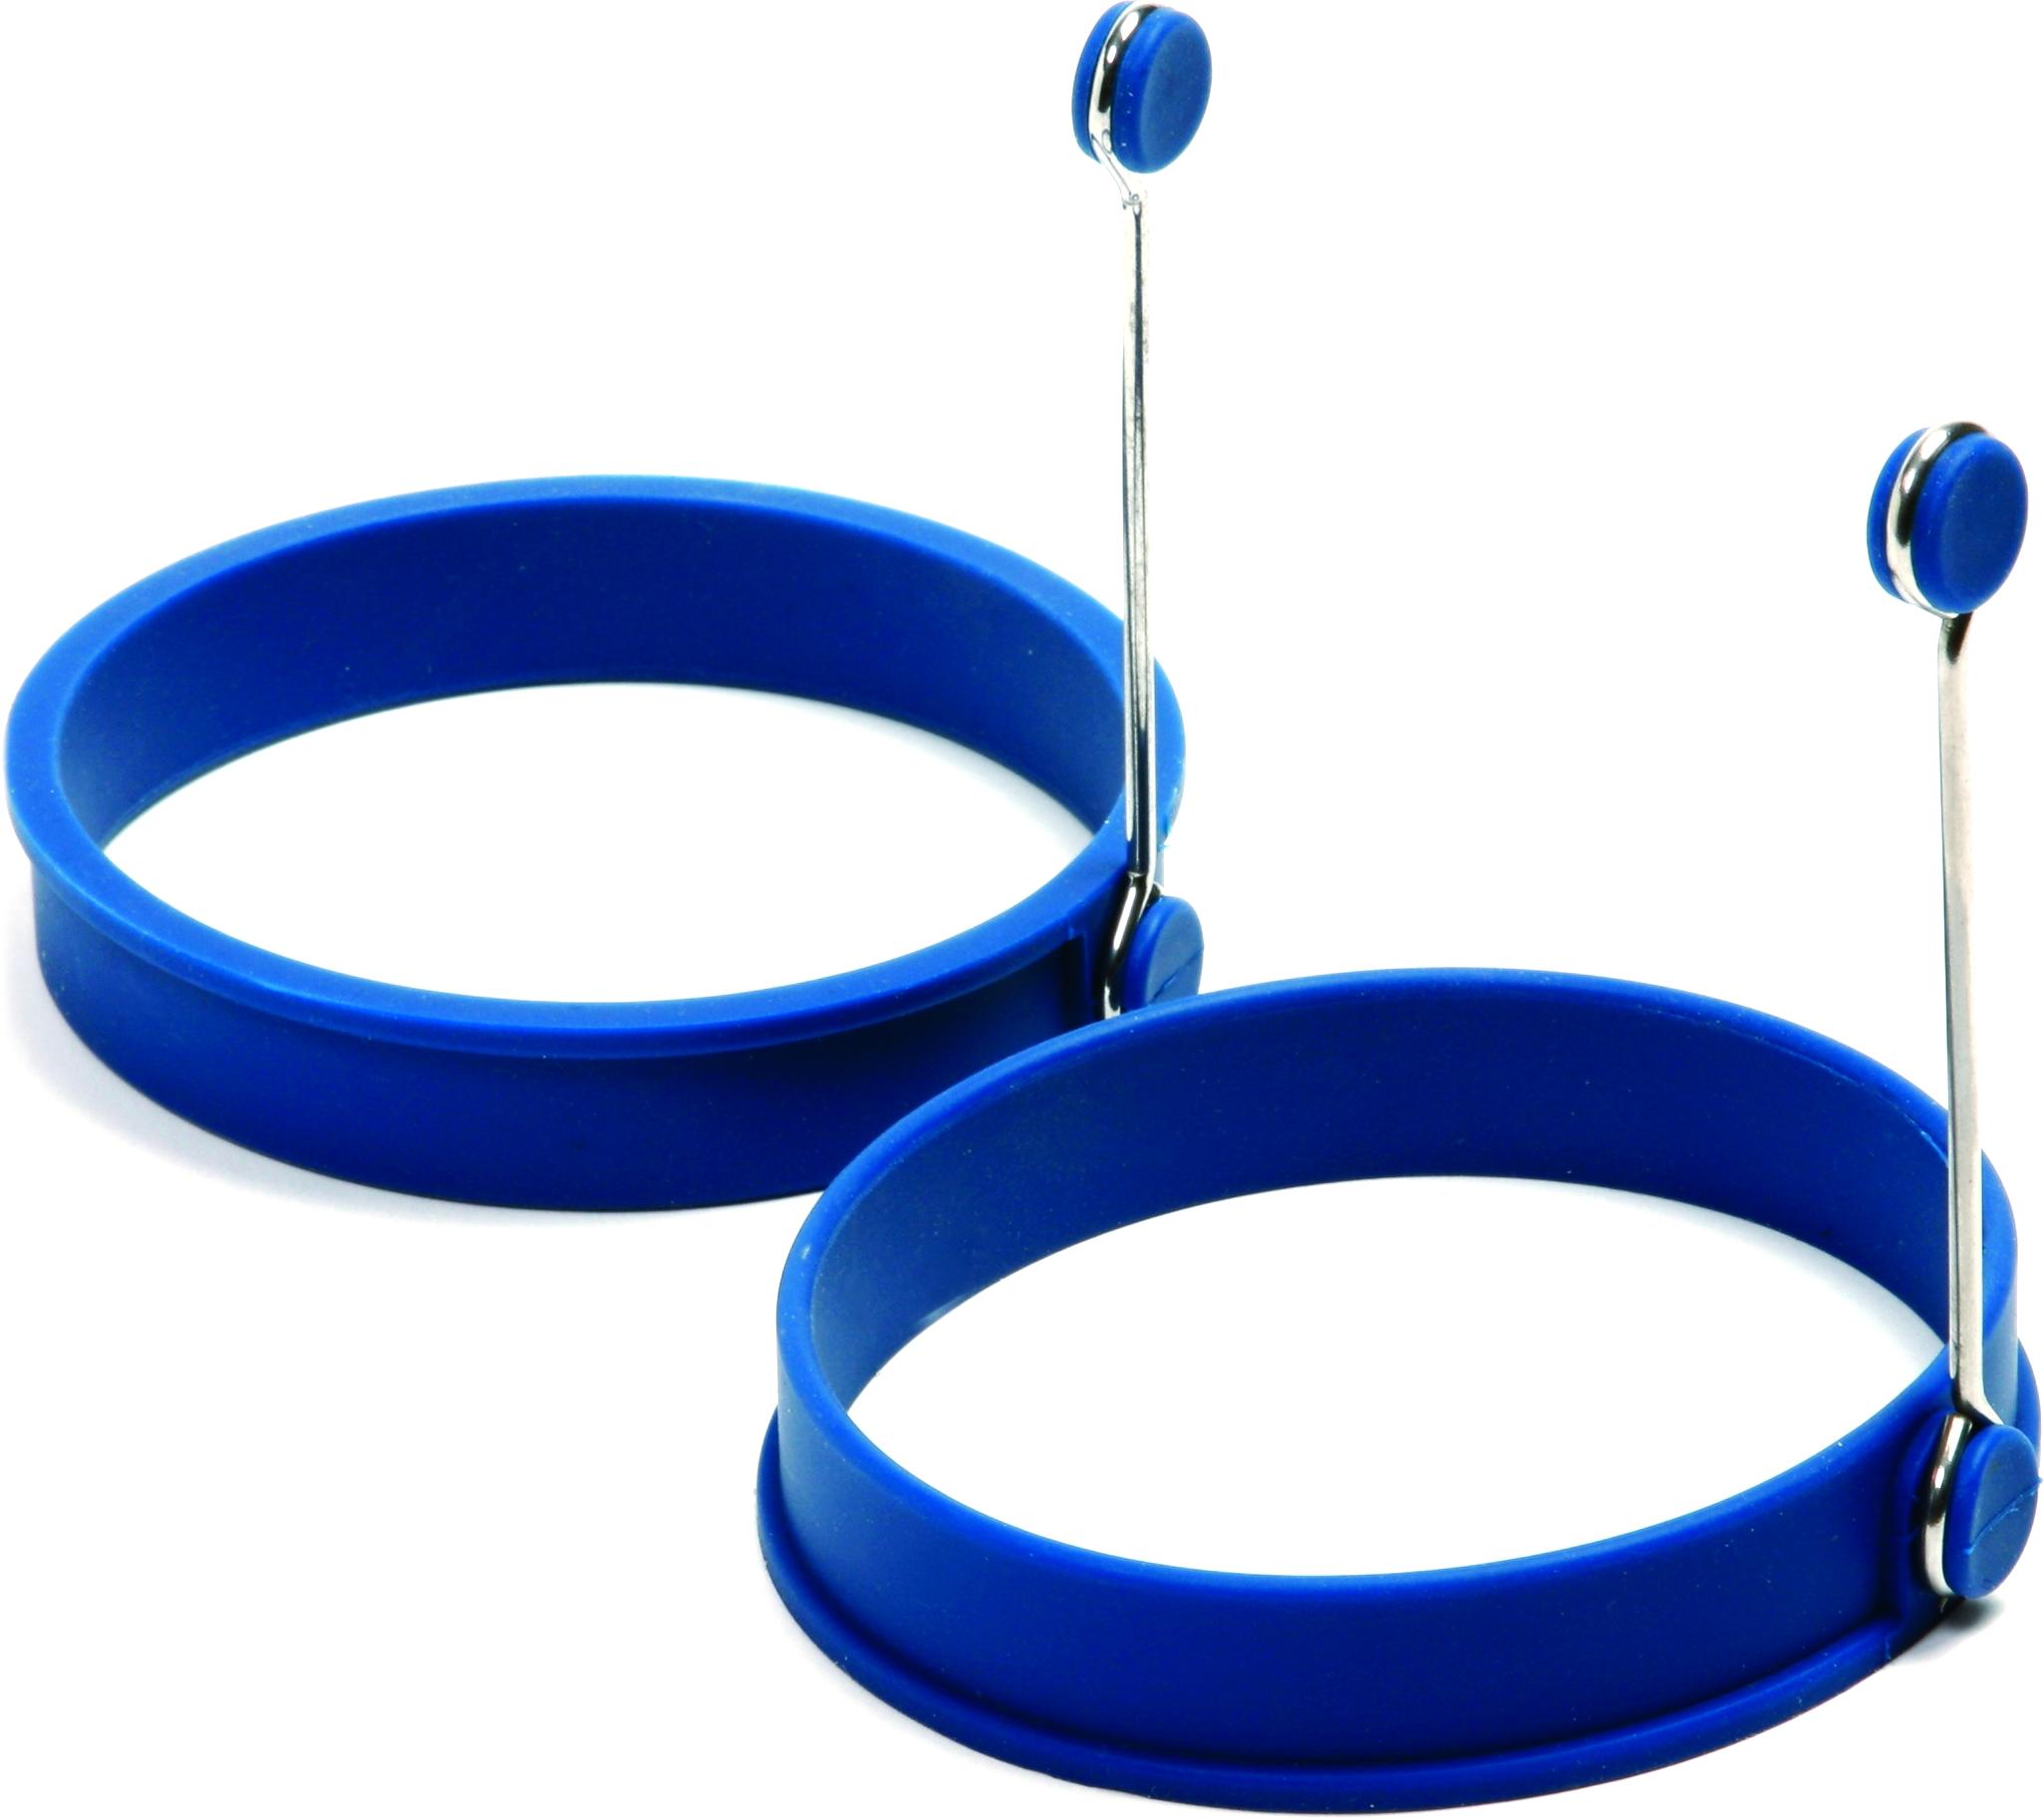 Norpro Blue Silicone Pancake Egg Ring, Set of 2